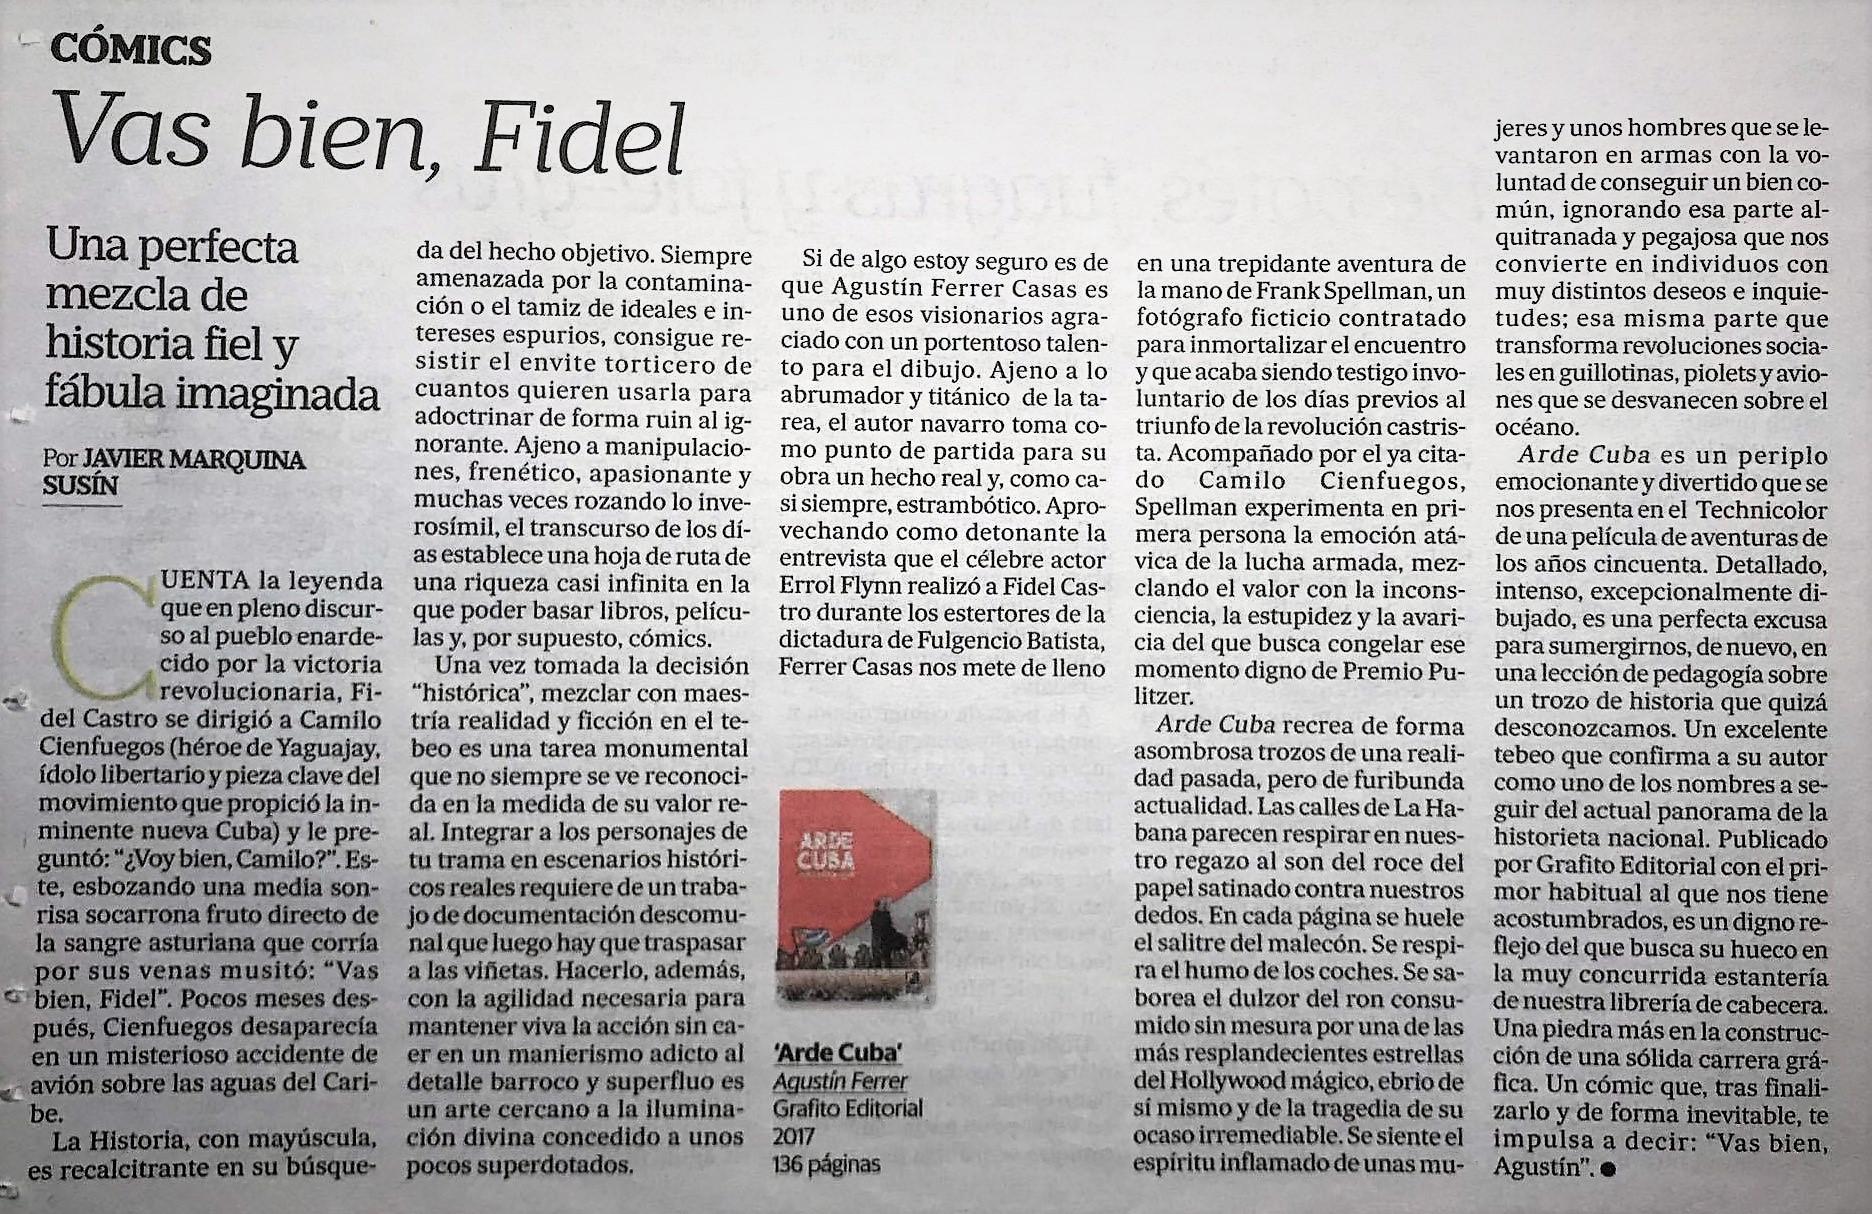 Diario de Aragón Arde Cuba